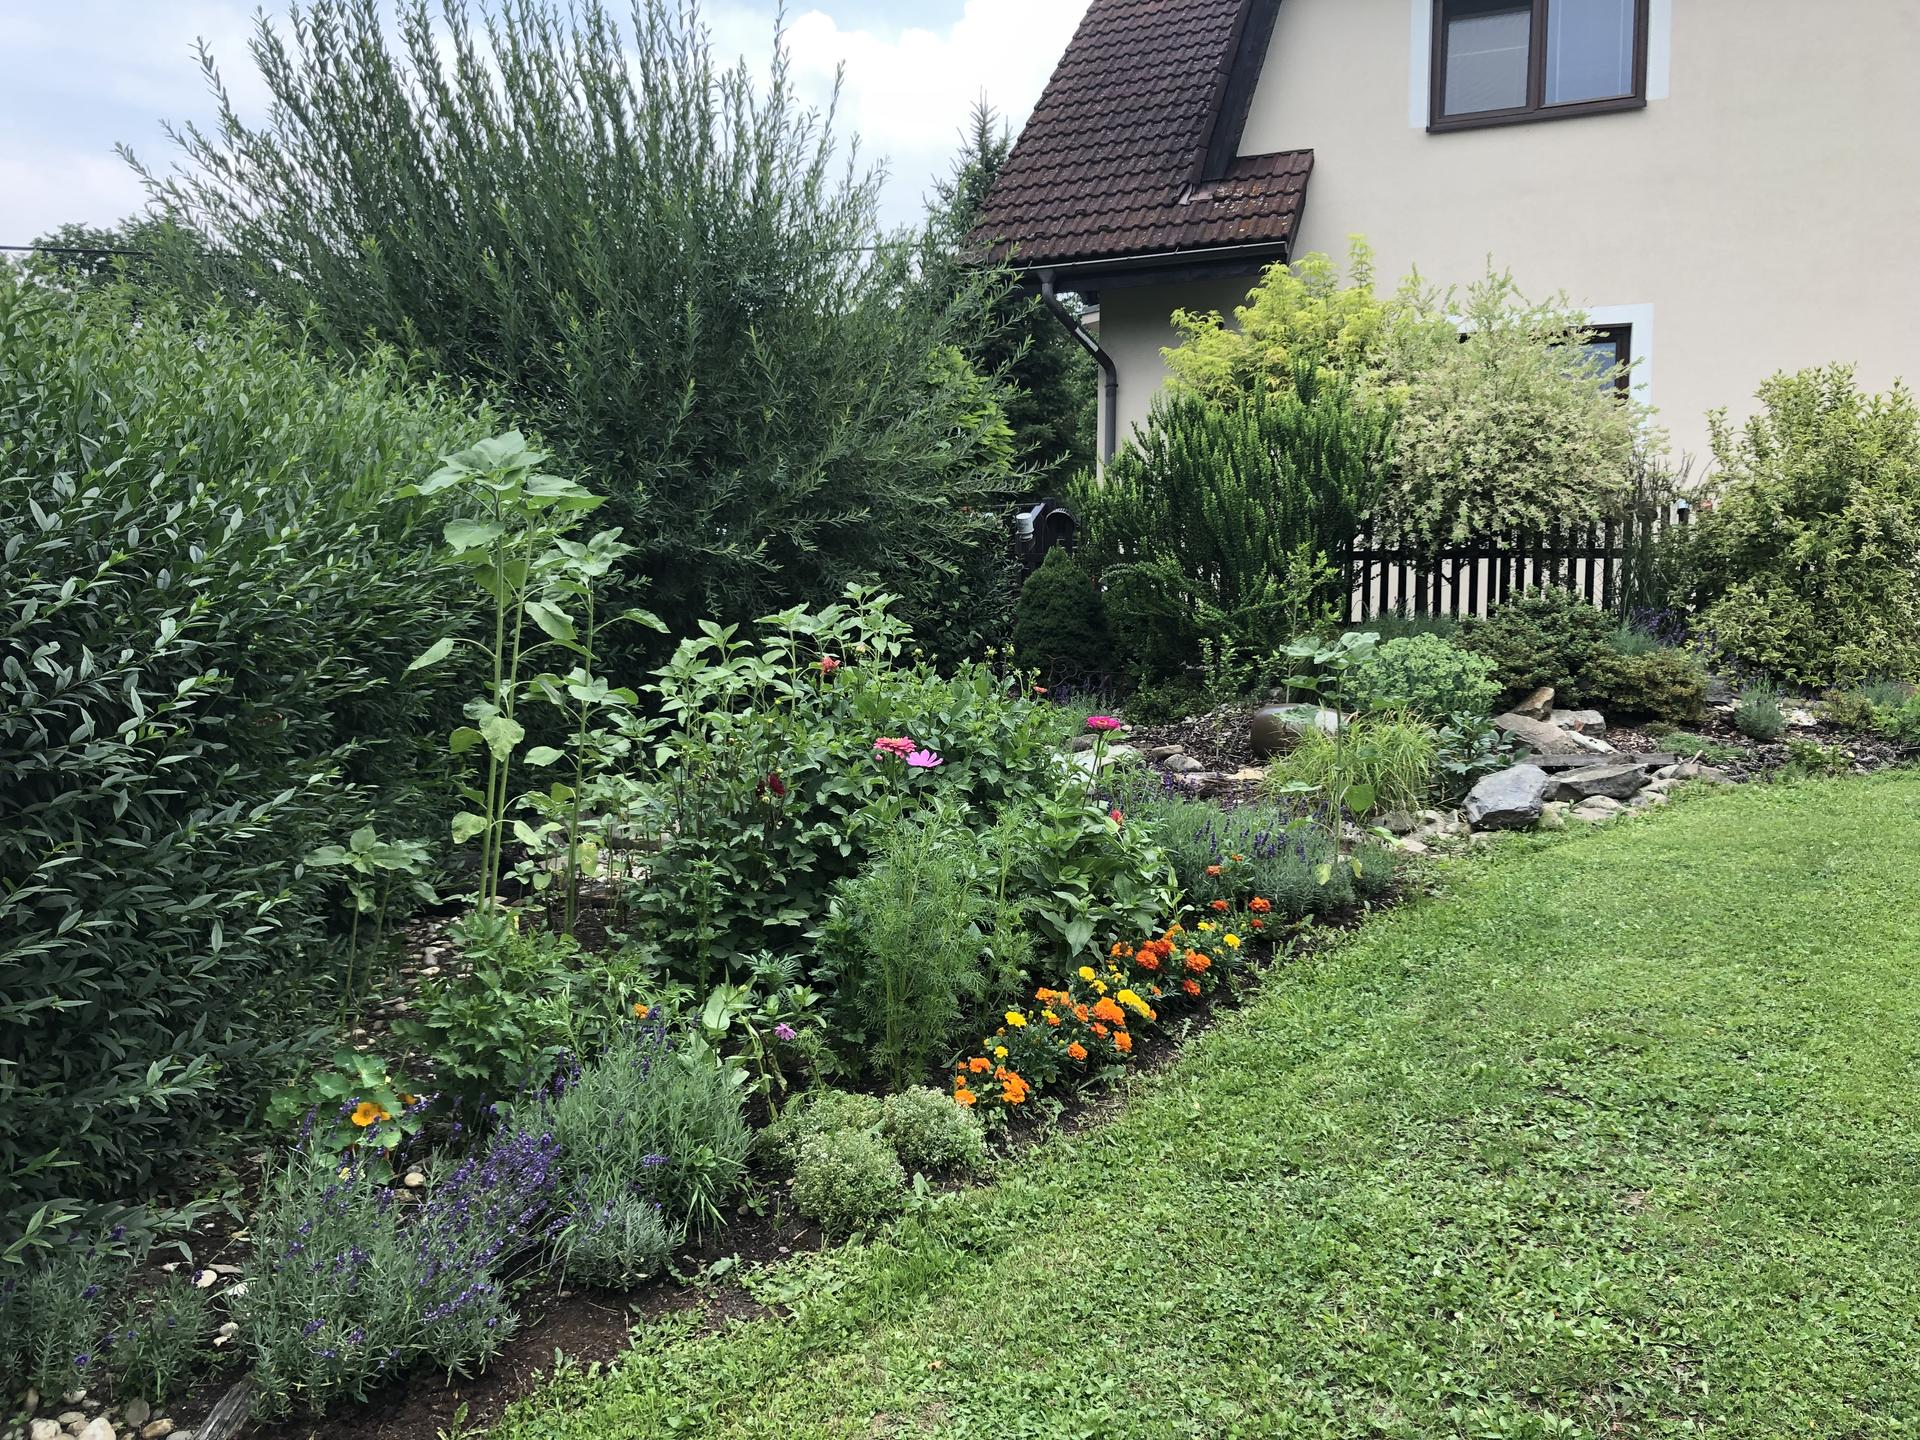 U nás doma a na zahradě 2021 - Obrázek č. 18